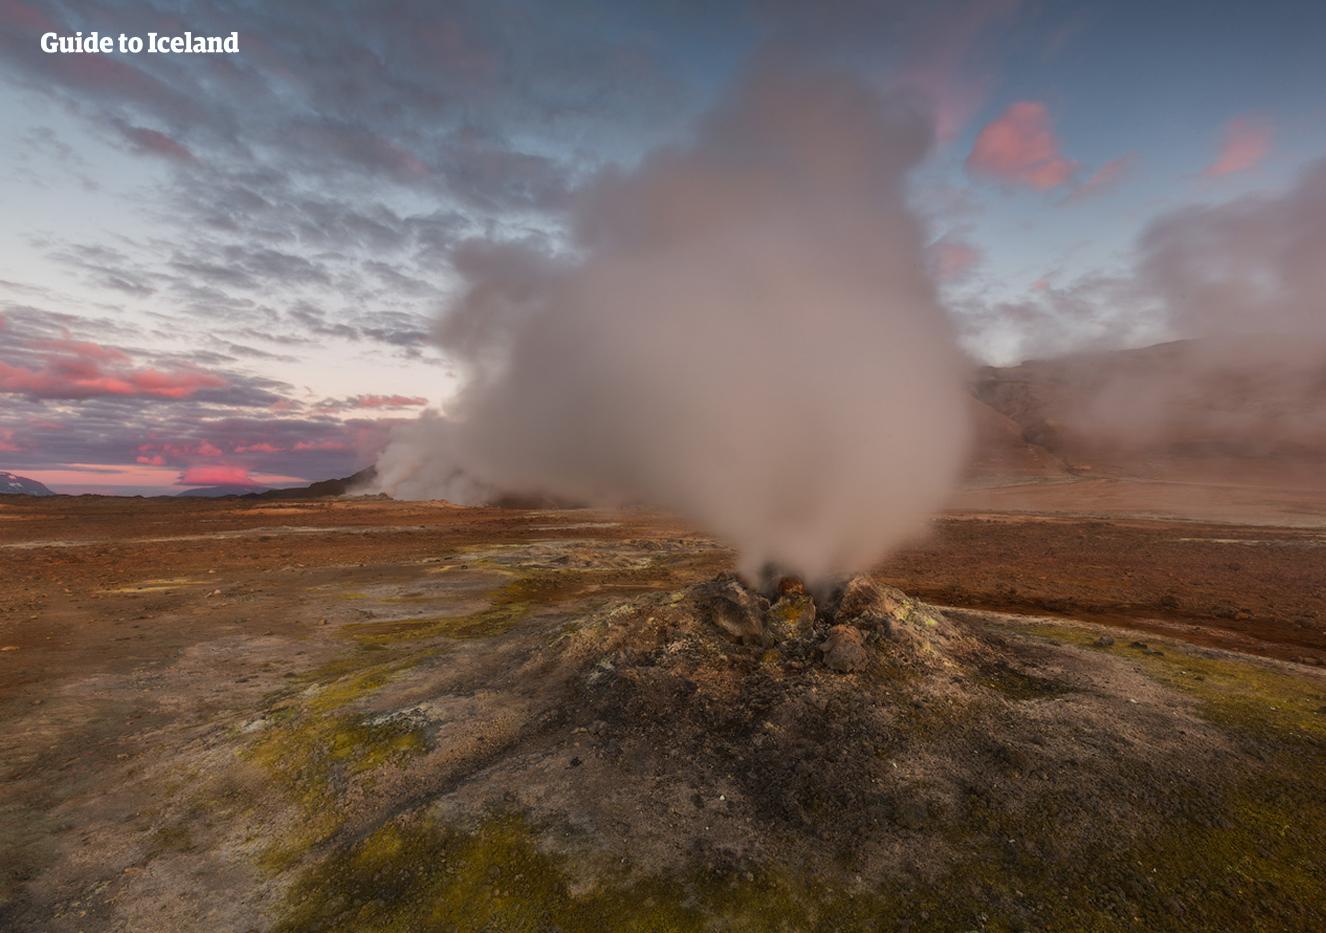 8-дневный зимний пакетный тур | Кольцевая дорога Исландии в маленькой группе - day 6